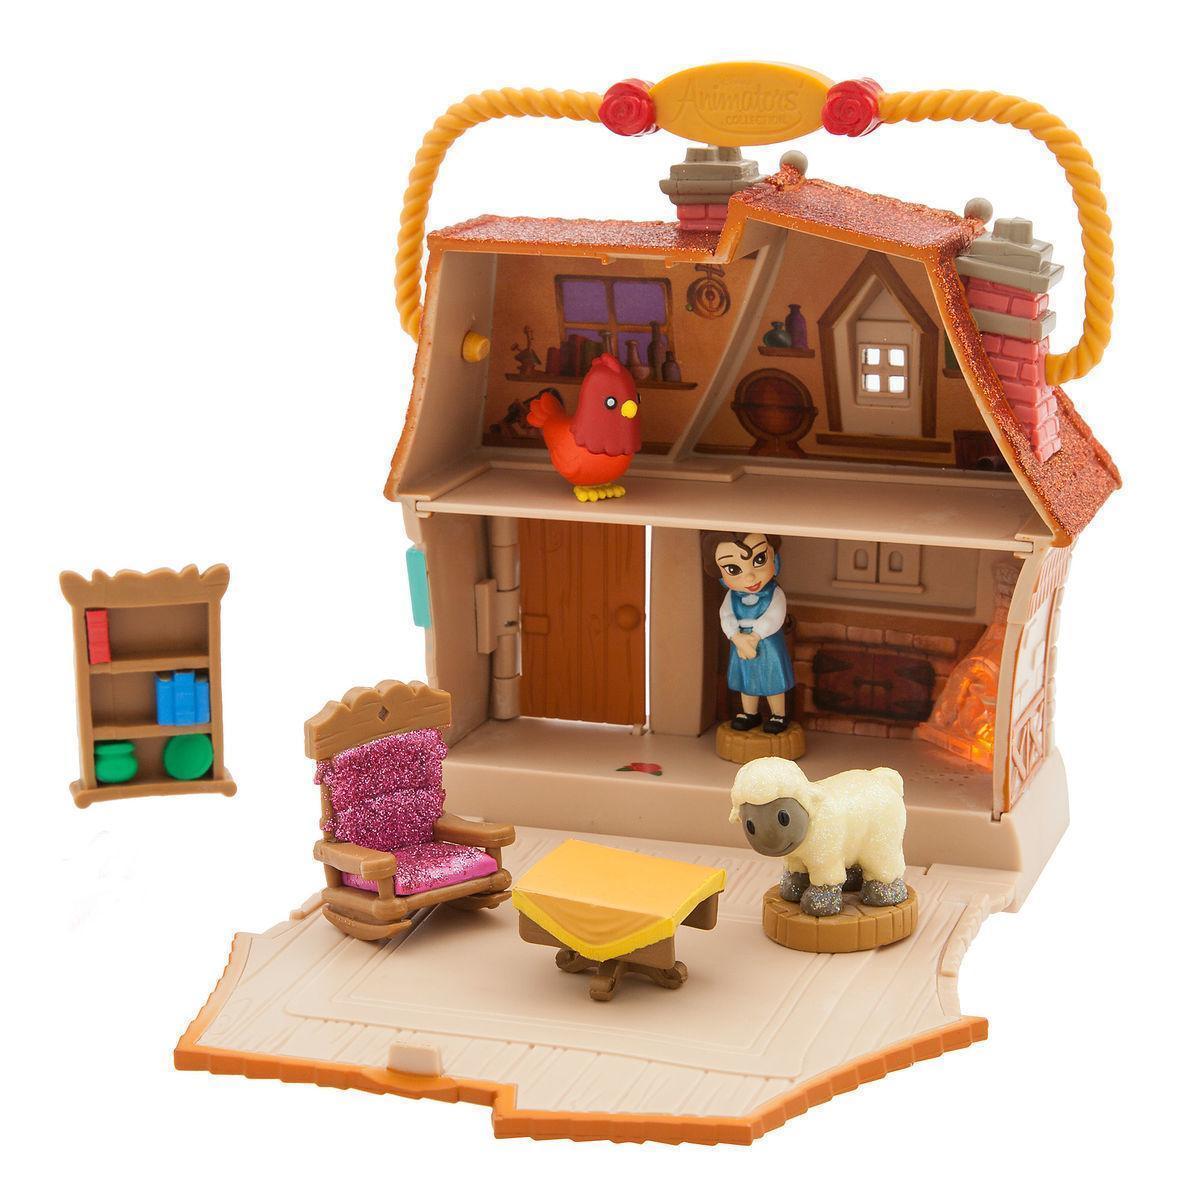 Набор Красавица и Чудовище Дисней домик и кукла принцесса Белль в детстве